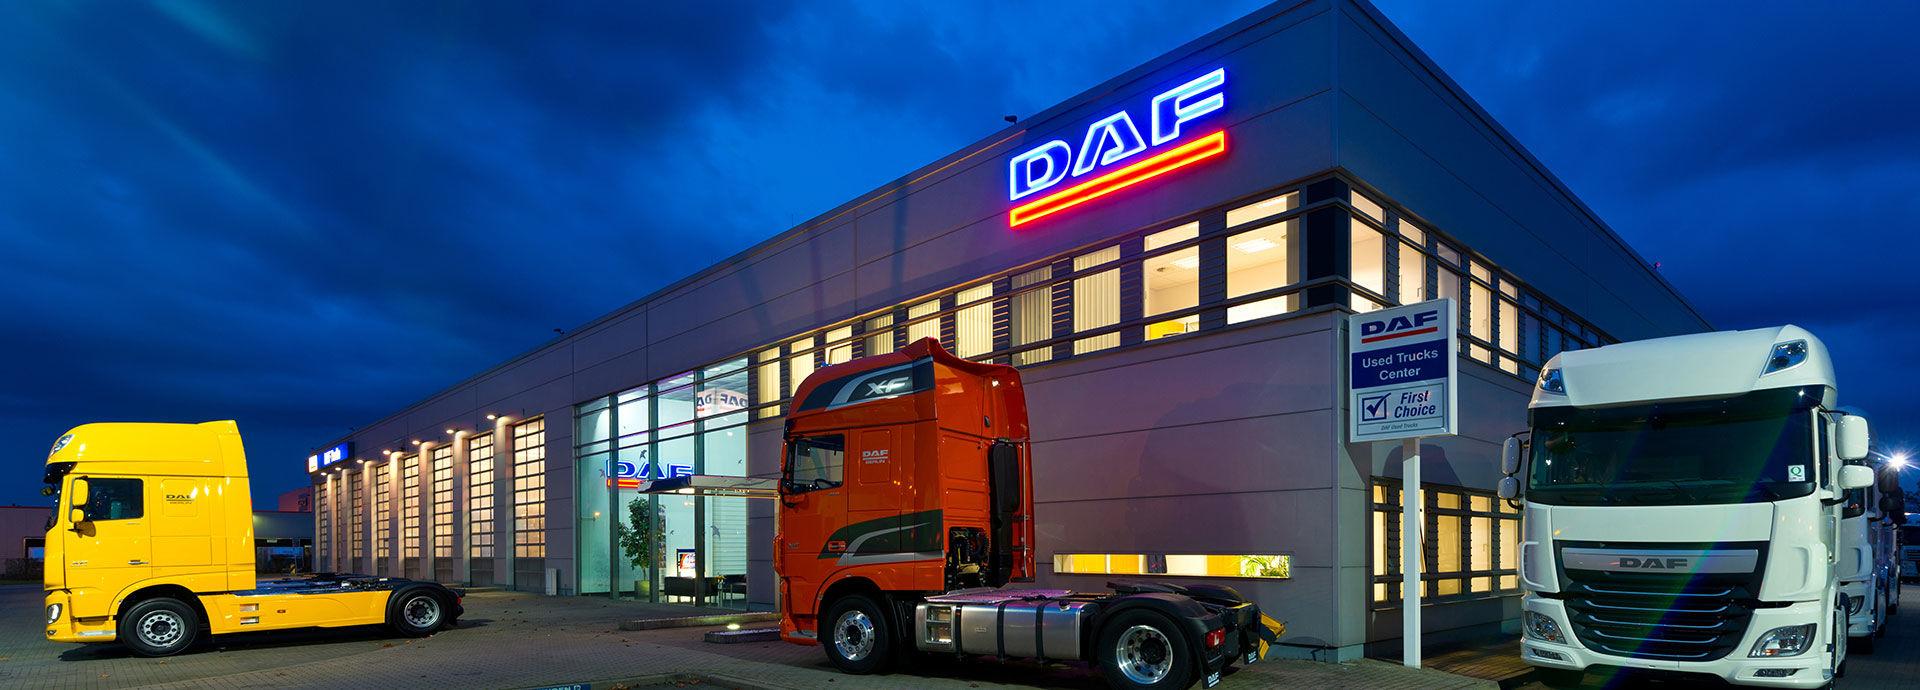 Ihr DAF LKW Center in Berlin| Auto Senger